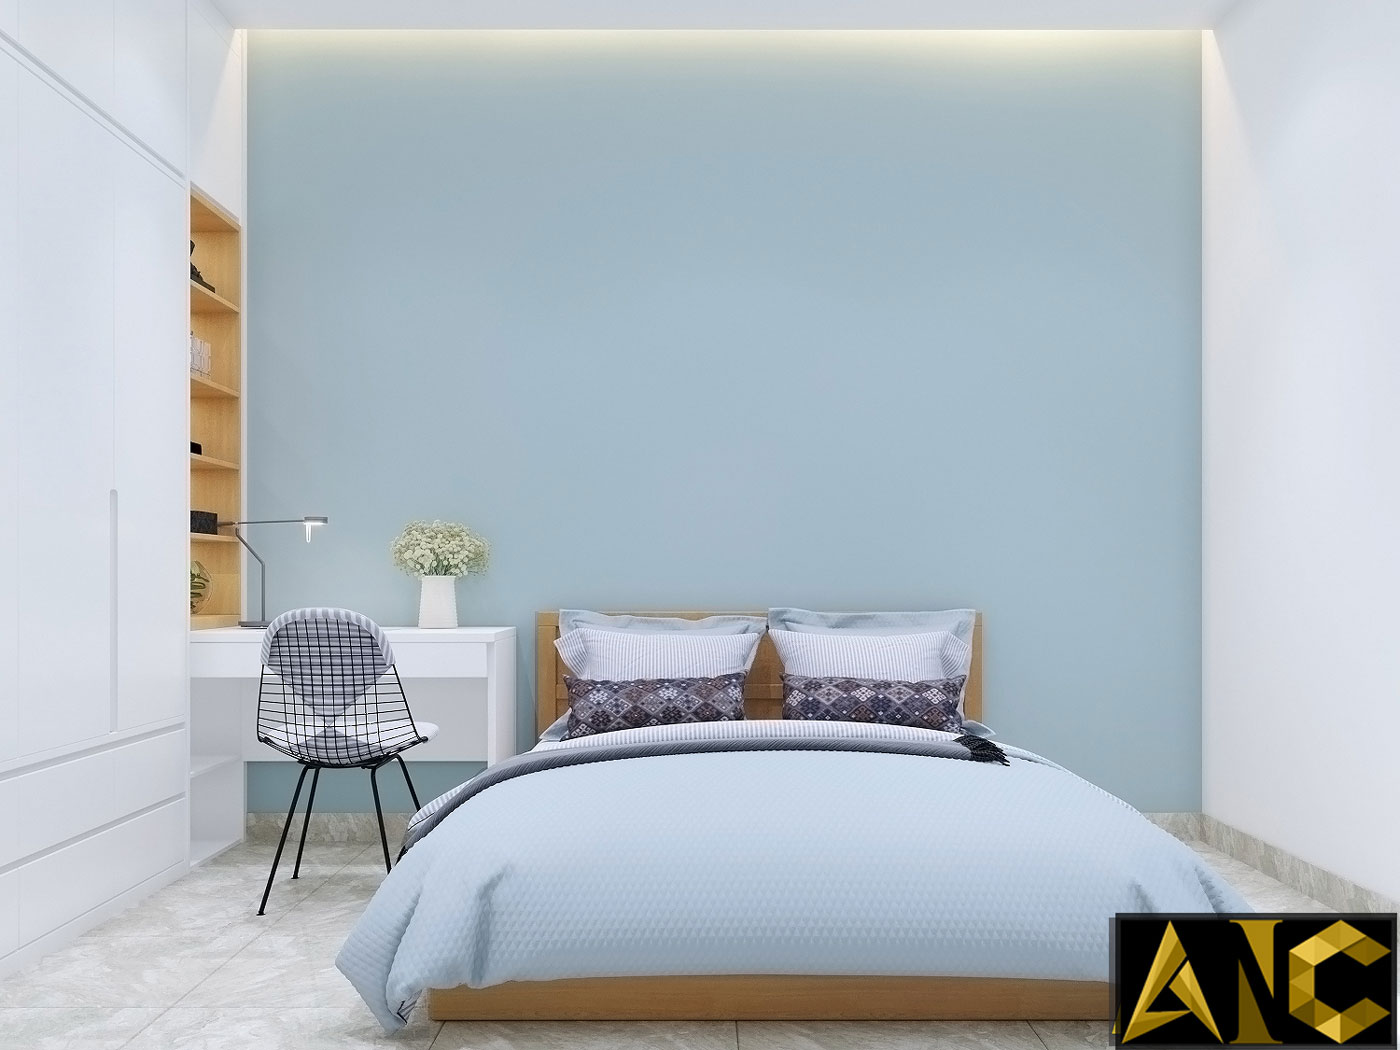 Thiết kế thi công nội thất: Căn hộ Park River Side phòng ngủ 2 view 1